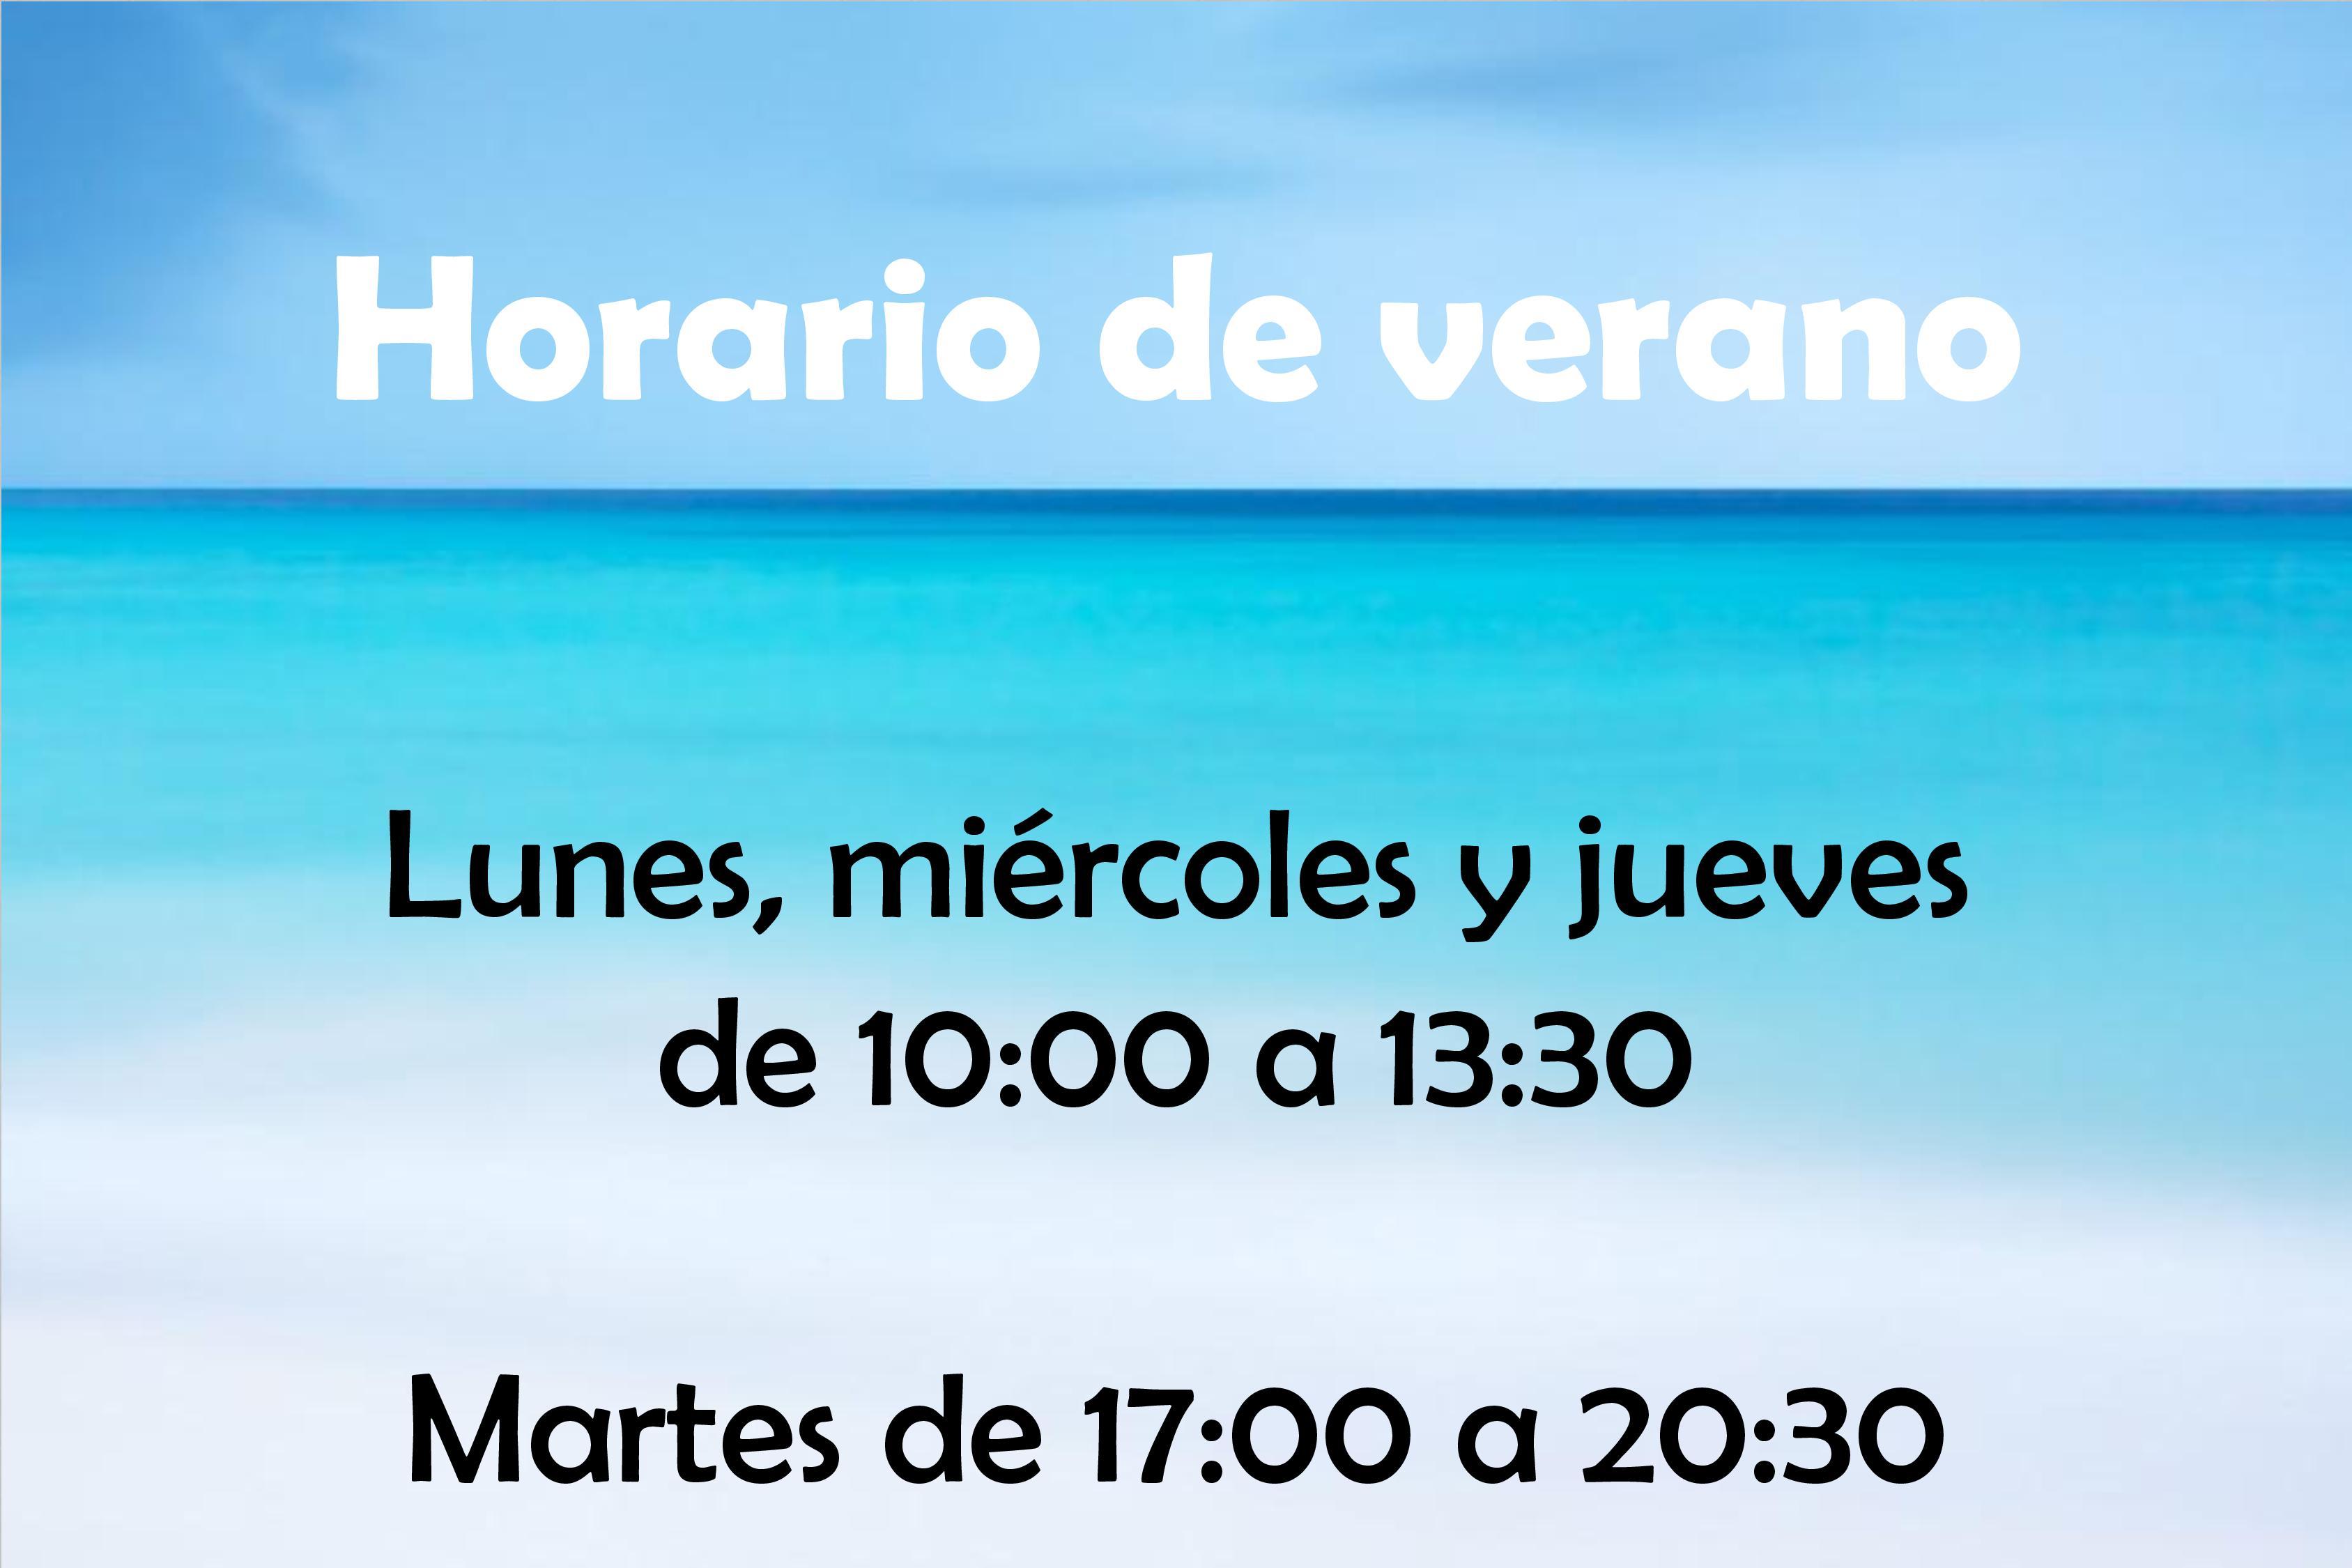 Horario de verano-page-001